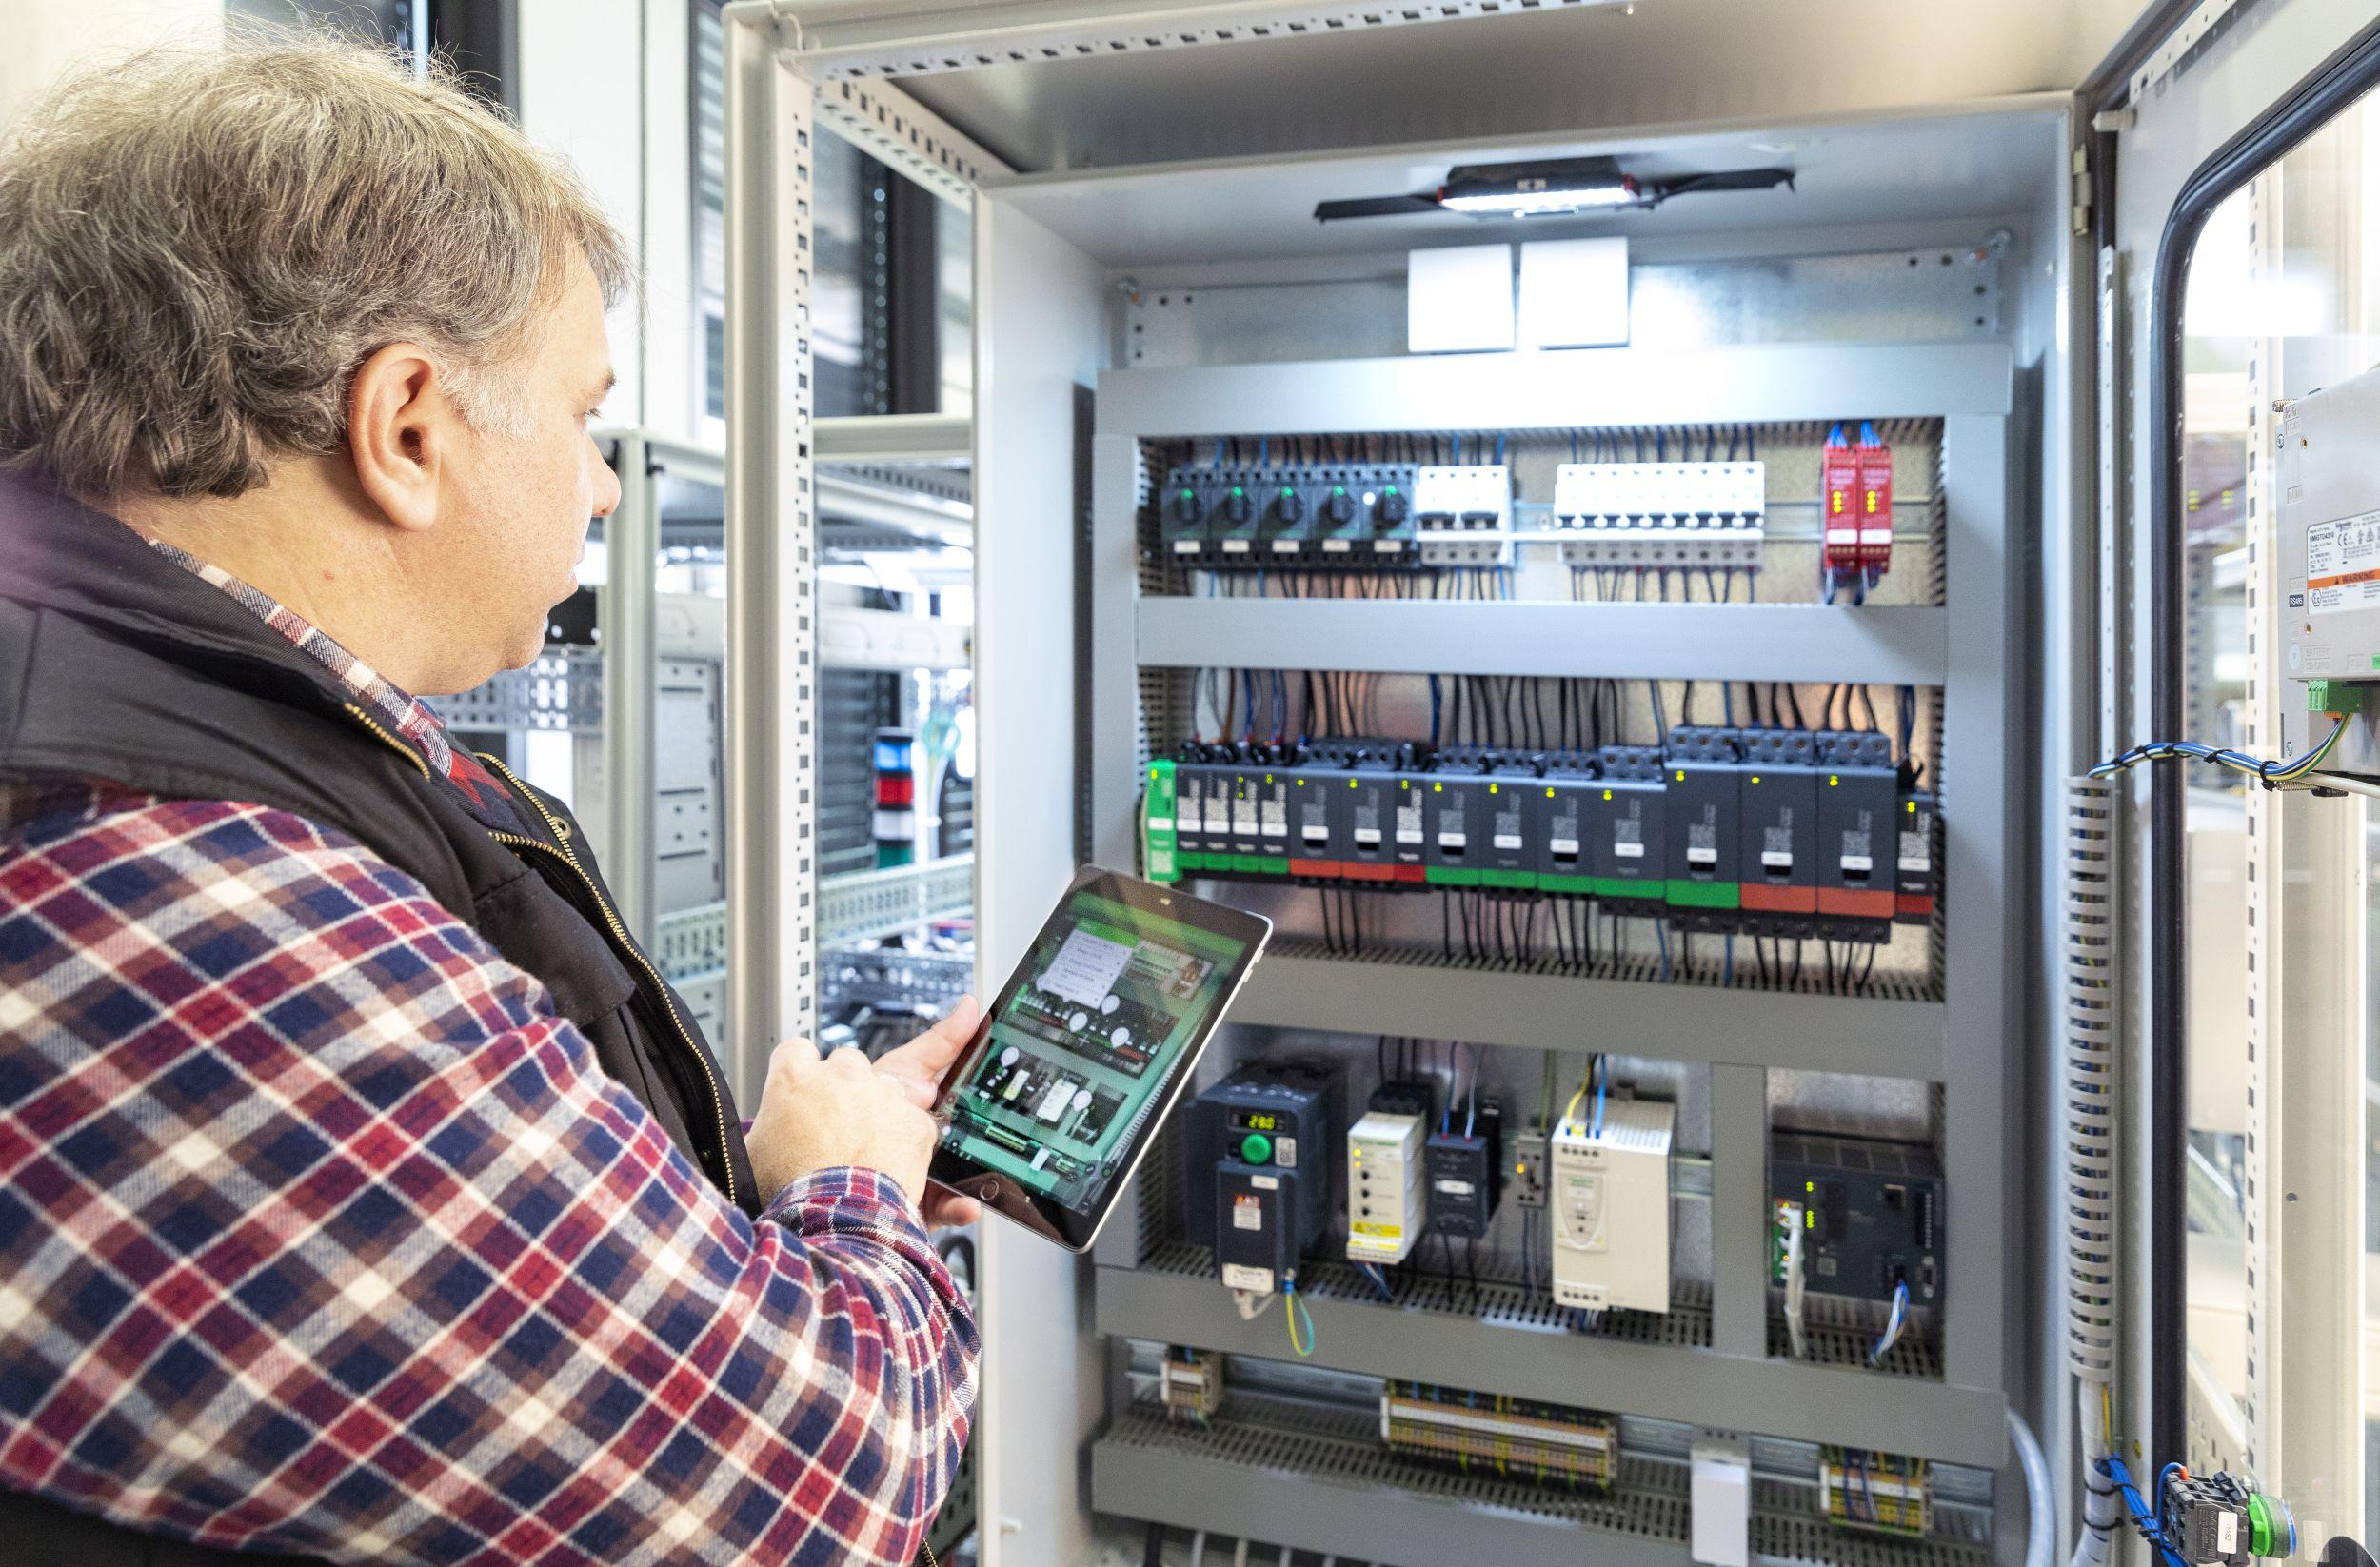 Mit den neuen Lösungen von Schneider Electric sollen OEMs die Markteinführungszeit ihrer Maschinen und Anlagen verkürzen können. (Bild: Schneider Electric GmbH)